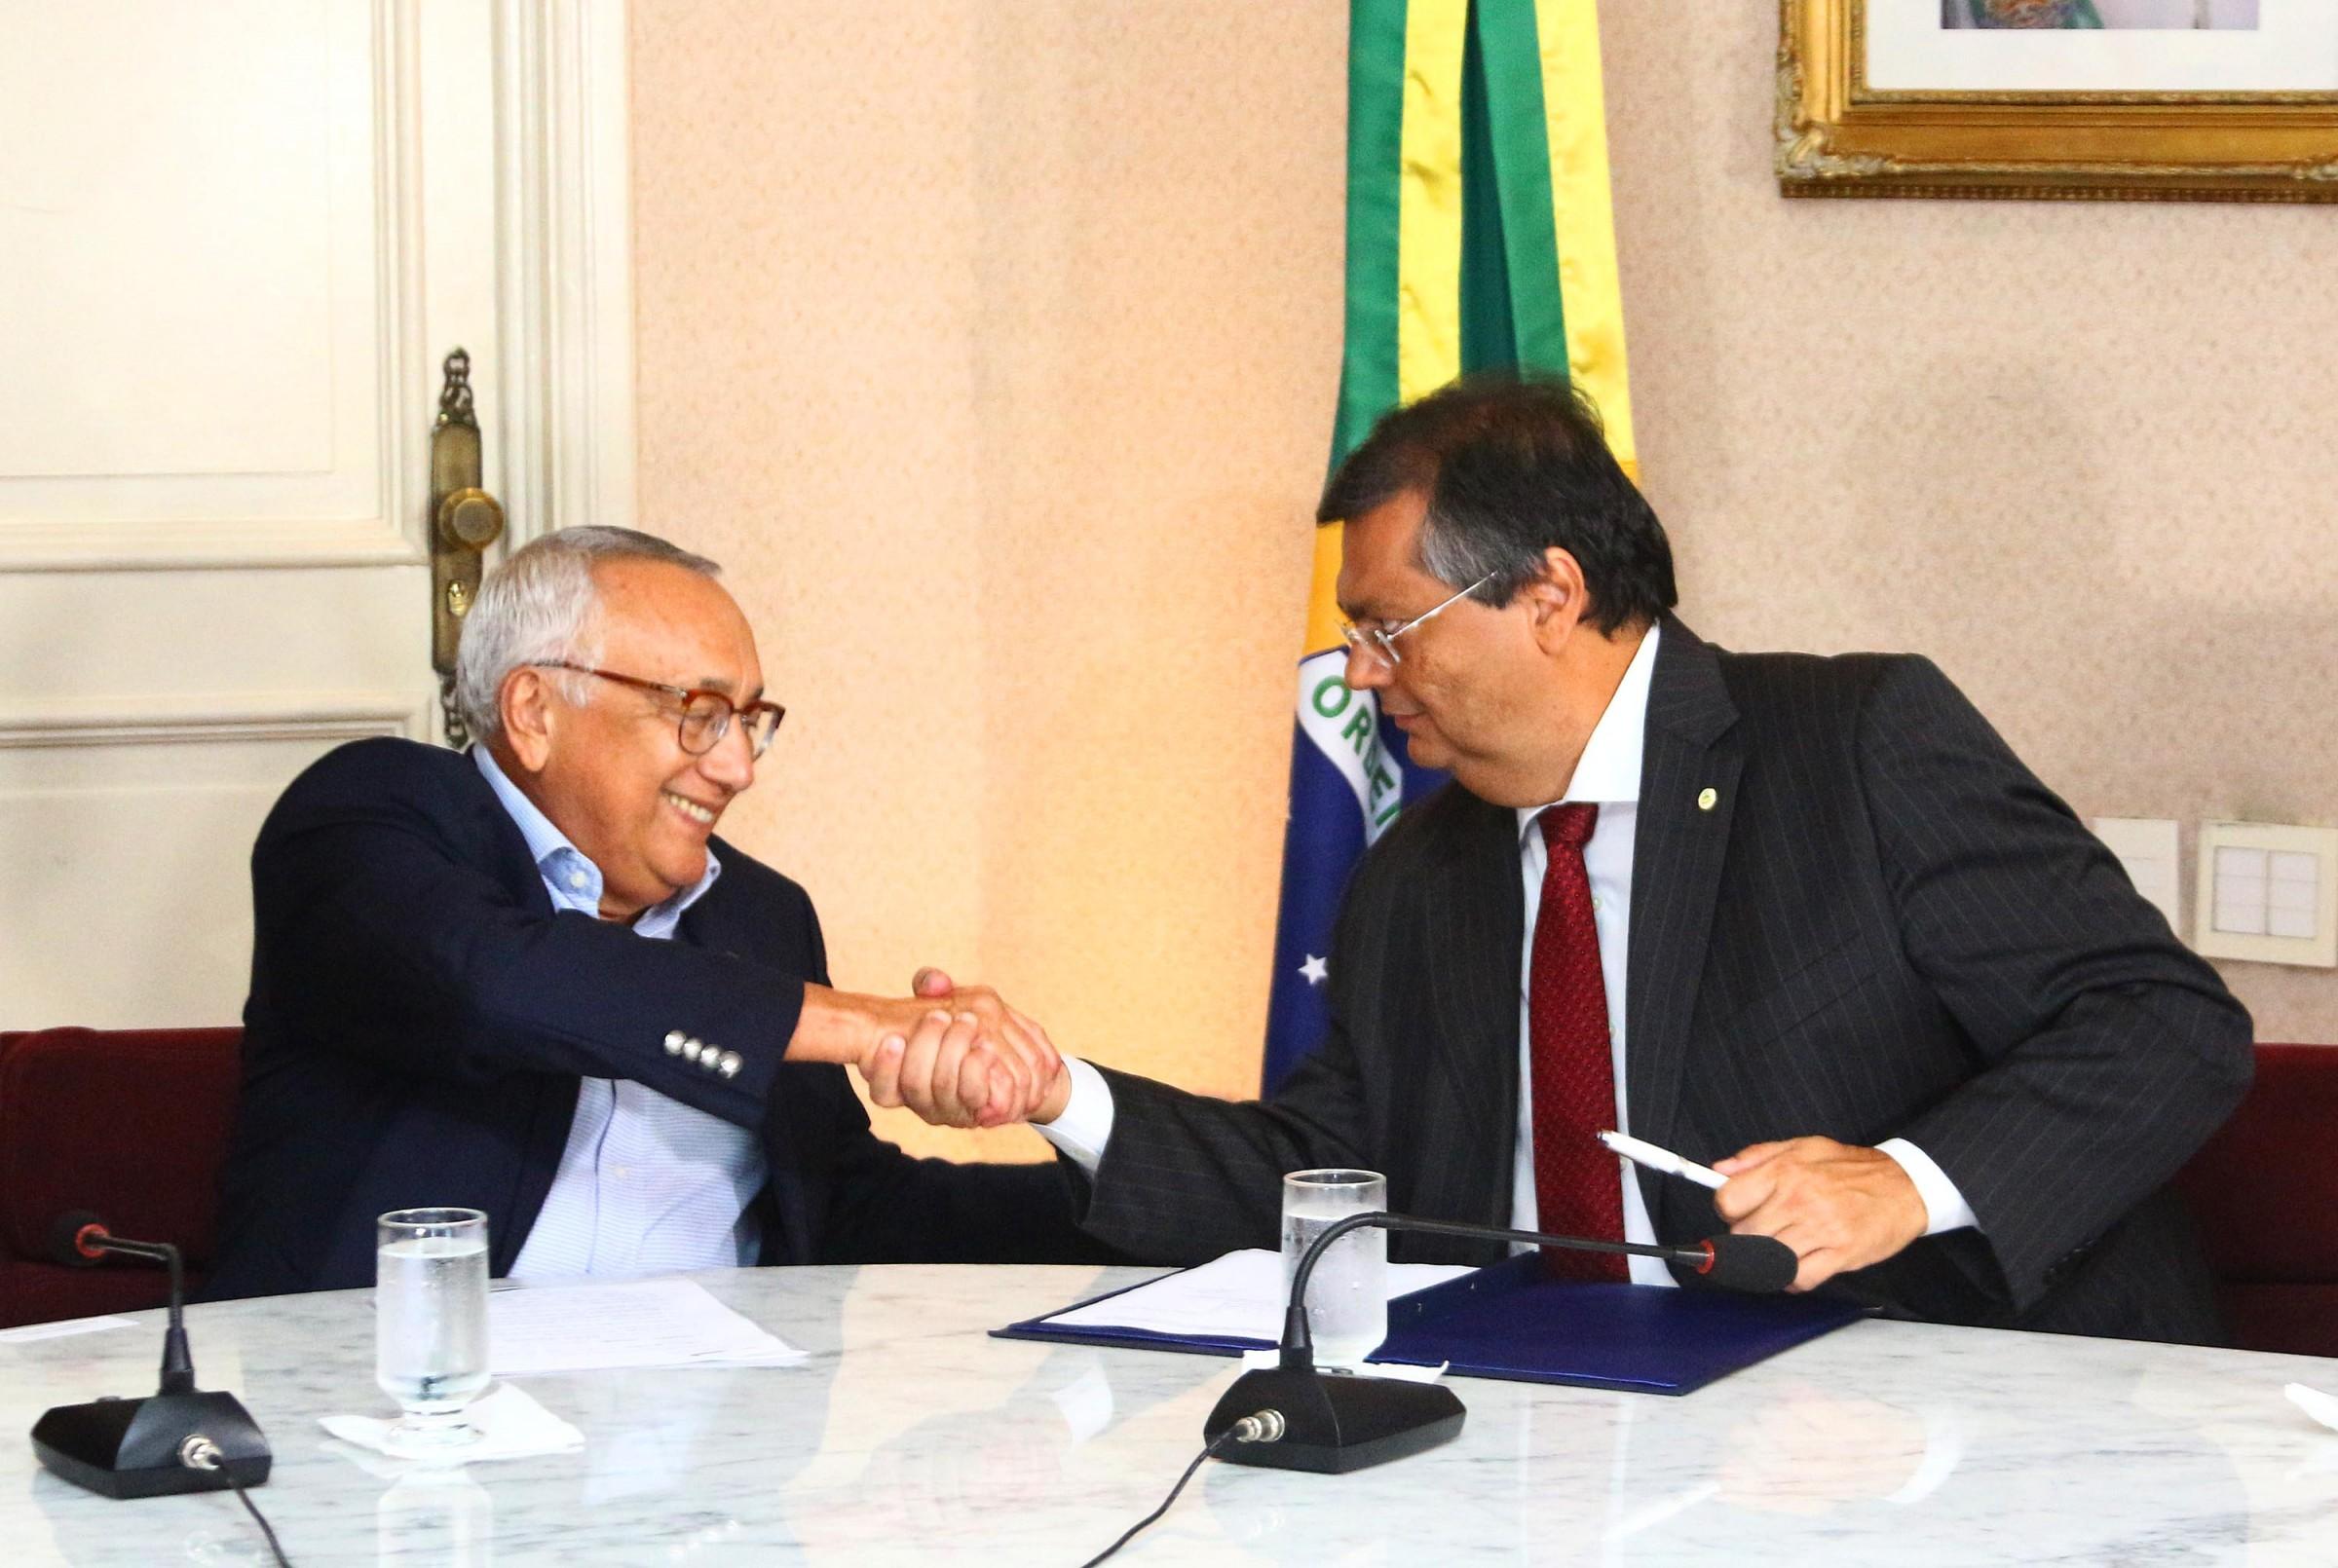 Governo assina acordo com MEC/FNDE para aquisi��o de 64 �nibus escolares